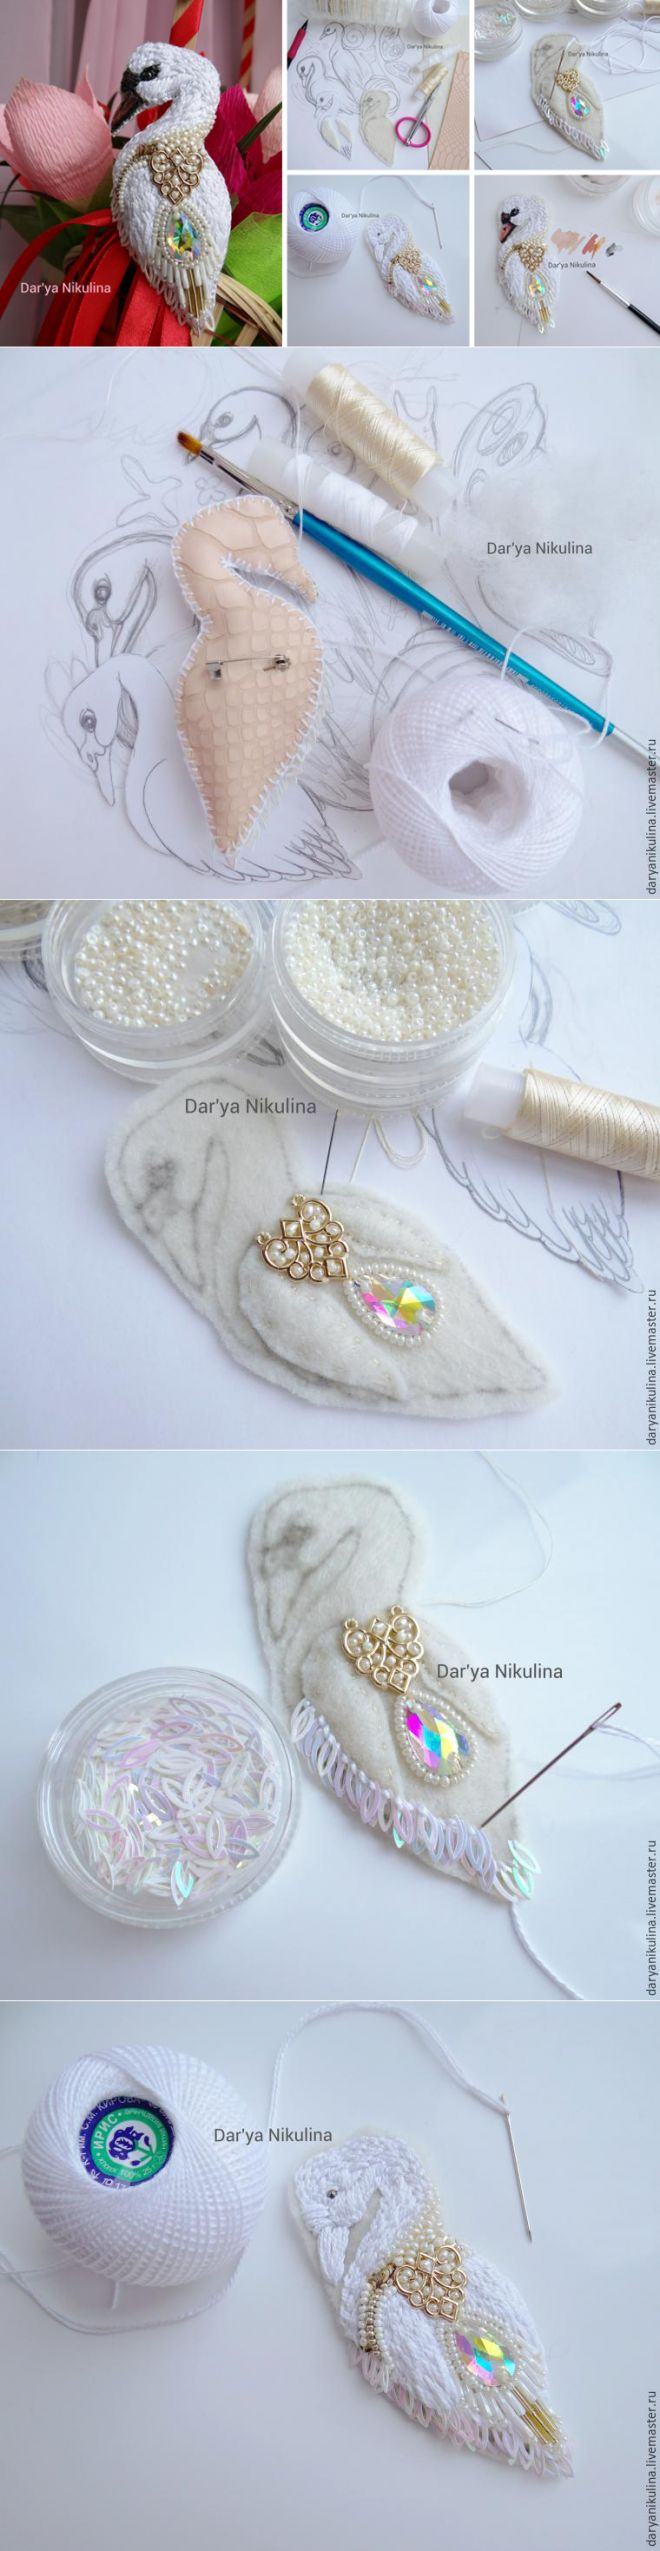 Создаем шикарную брошь «Лебедь» - Ярмарка Мастеров - ручная работа, handmade | УКРАШЕНИЯ СВОИМИ РУКАМИ | Постила